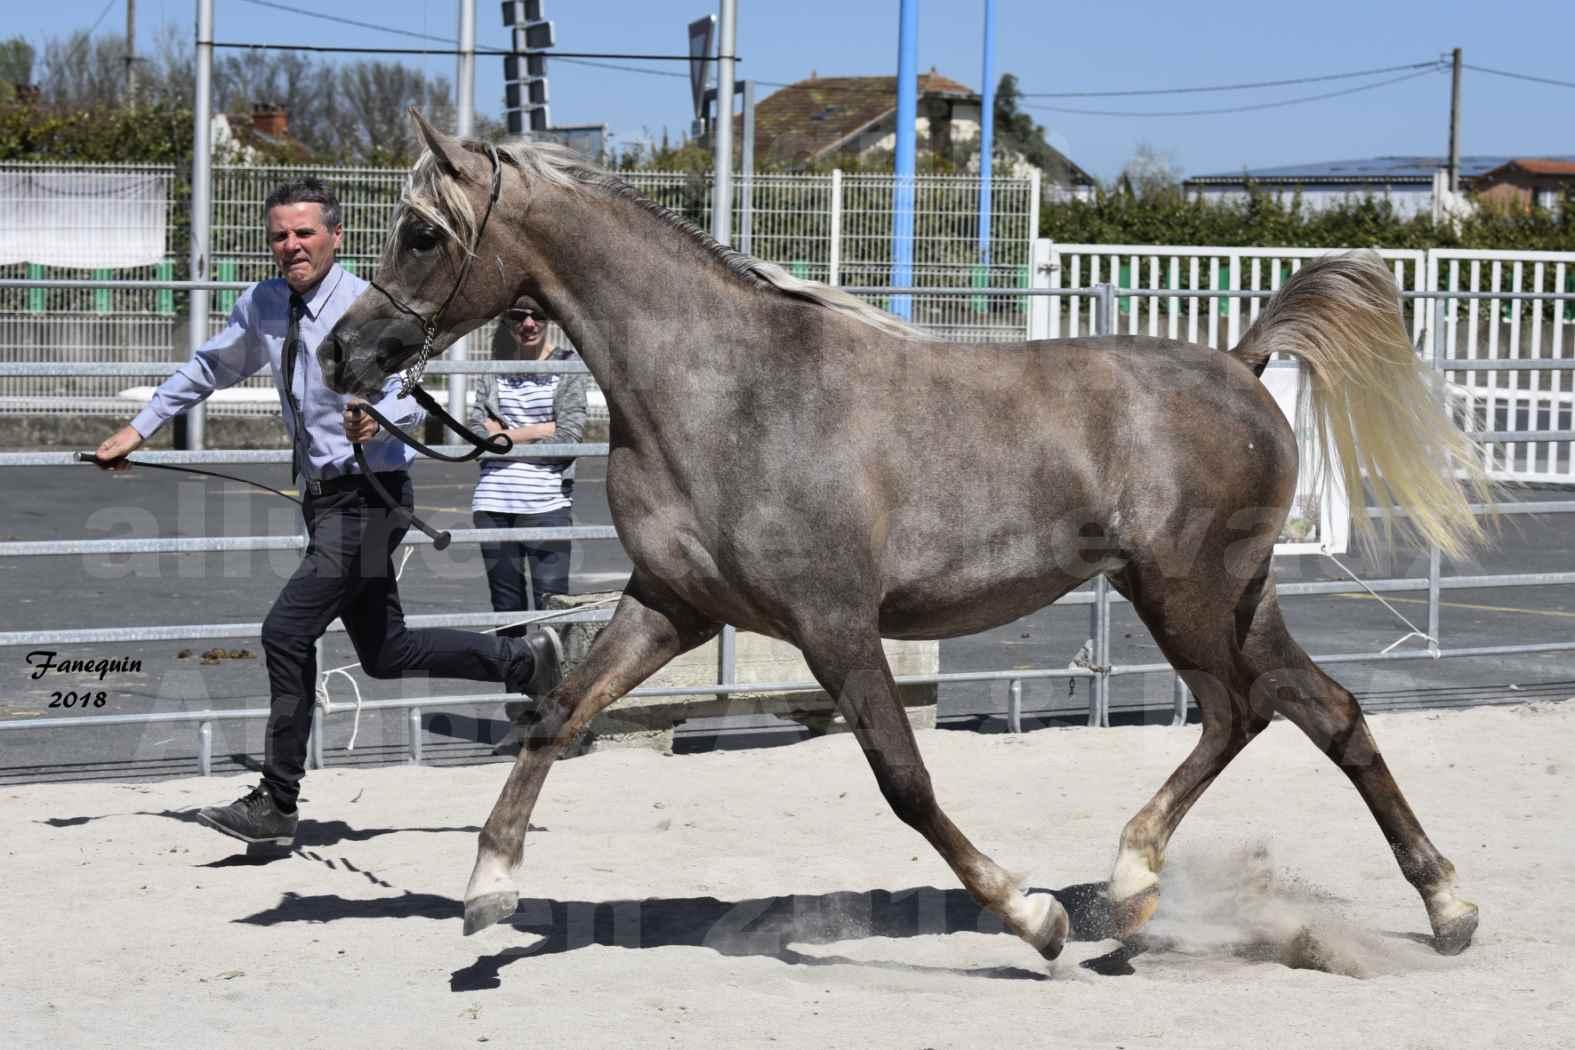 Concours d'élevage de Chevaux Arabes - Demi Sang Arabes - Anglo Arabes - ALBI les 6 & 7 Avril 2018 - DAENERYS DE LAFON - Notre Sélection - 01